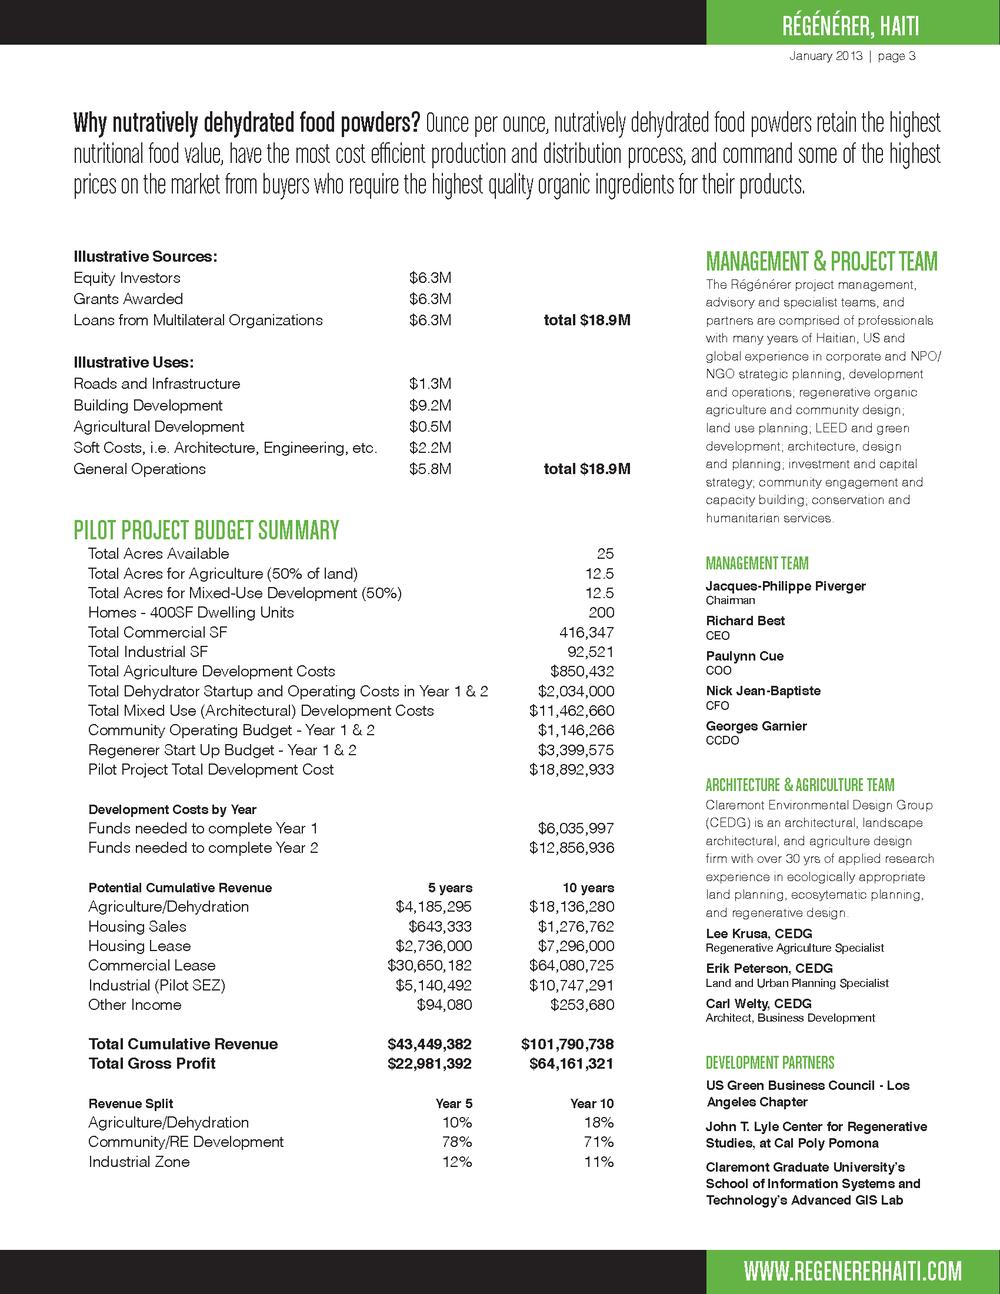 RegenererHaitiPILOTPROJECTBrochure-2500-Jan2013-v2_Page_3.png